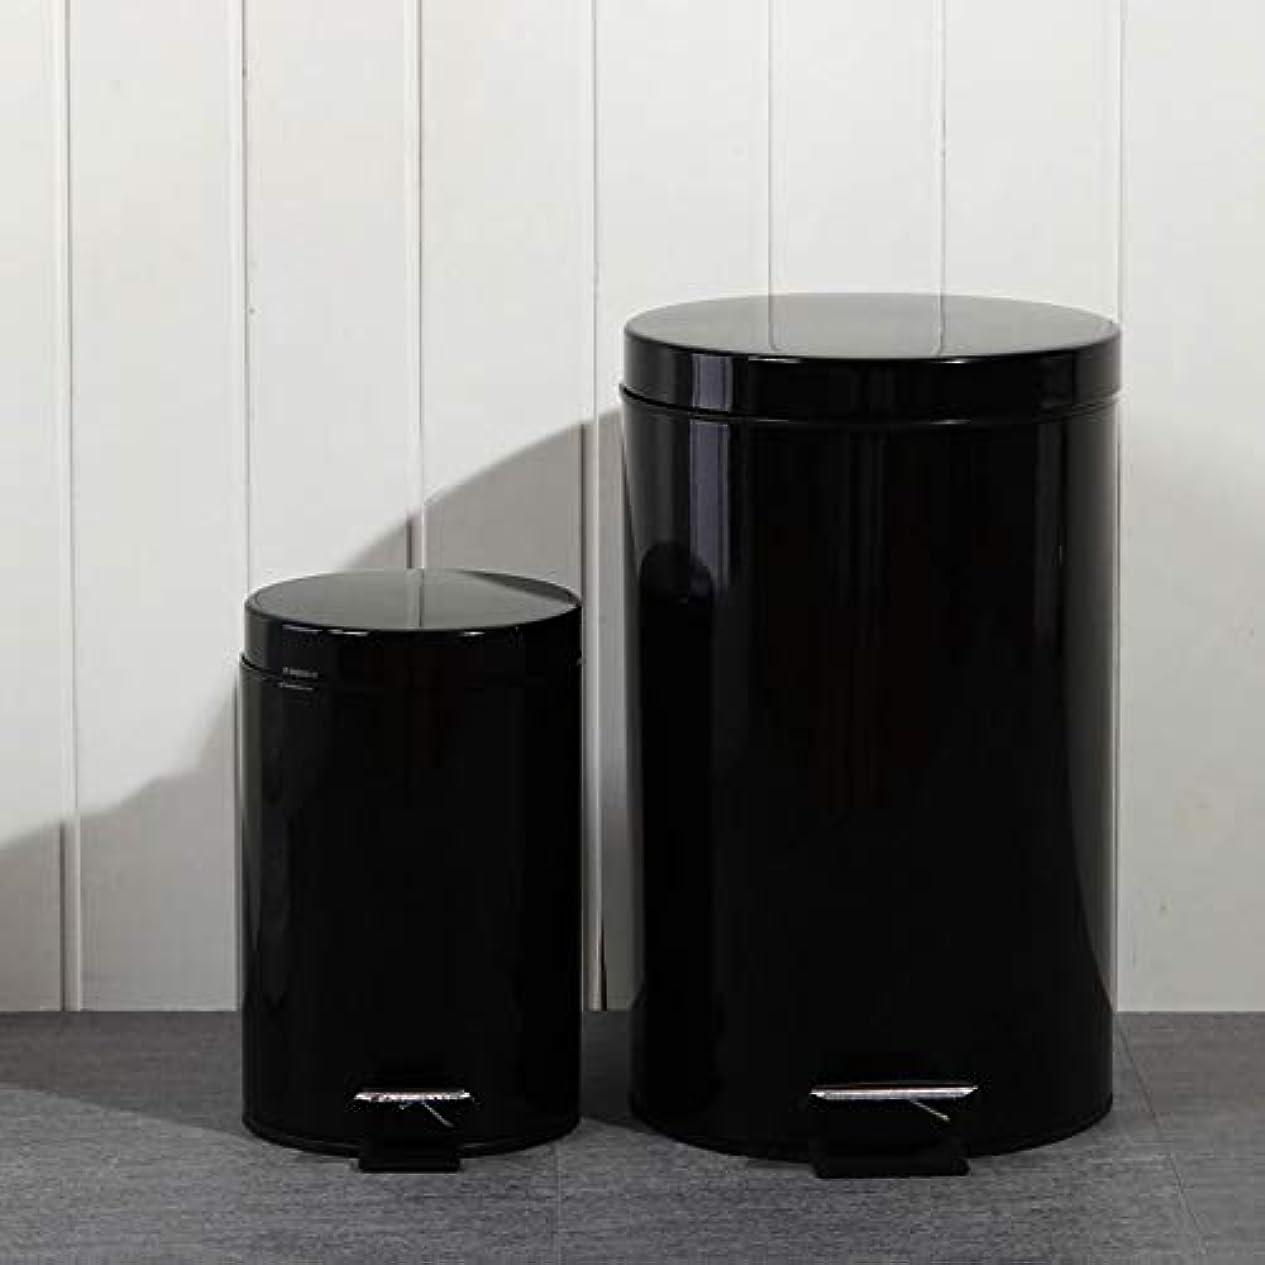 擁する言い直す静かにL-R-H シンプルな黒のゴミ箱は、蓋ゴミ箱付きのバスルームキッチンごみ箱をゴミ箱ペダルことができ (Color : Black)